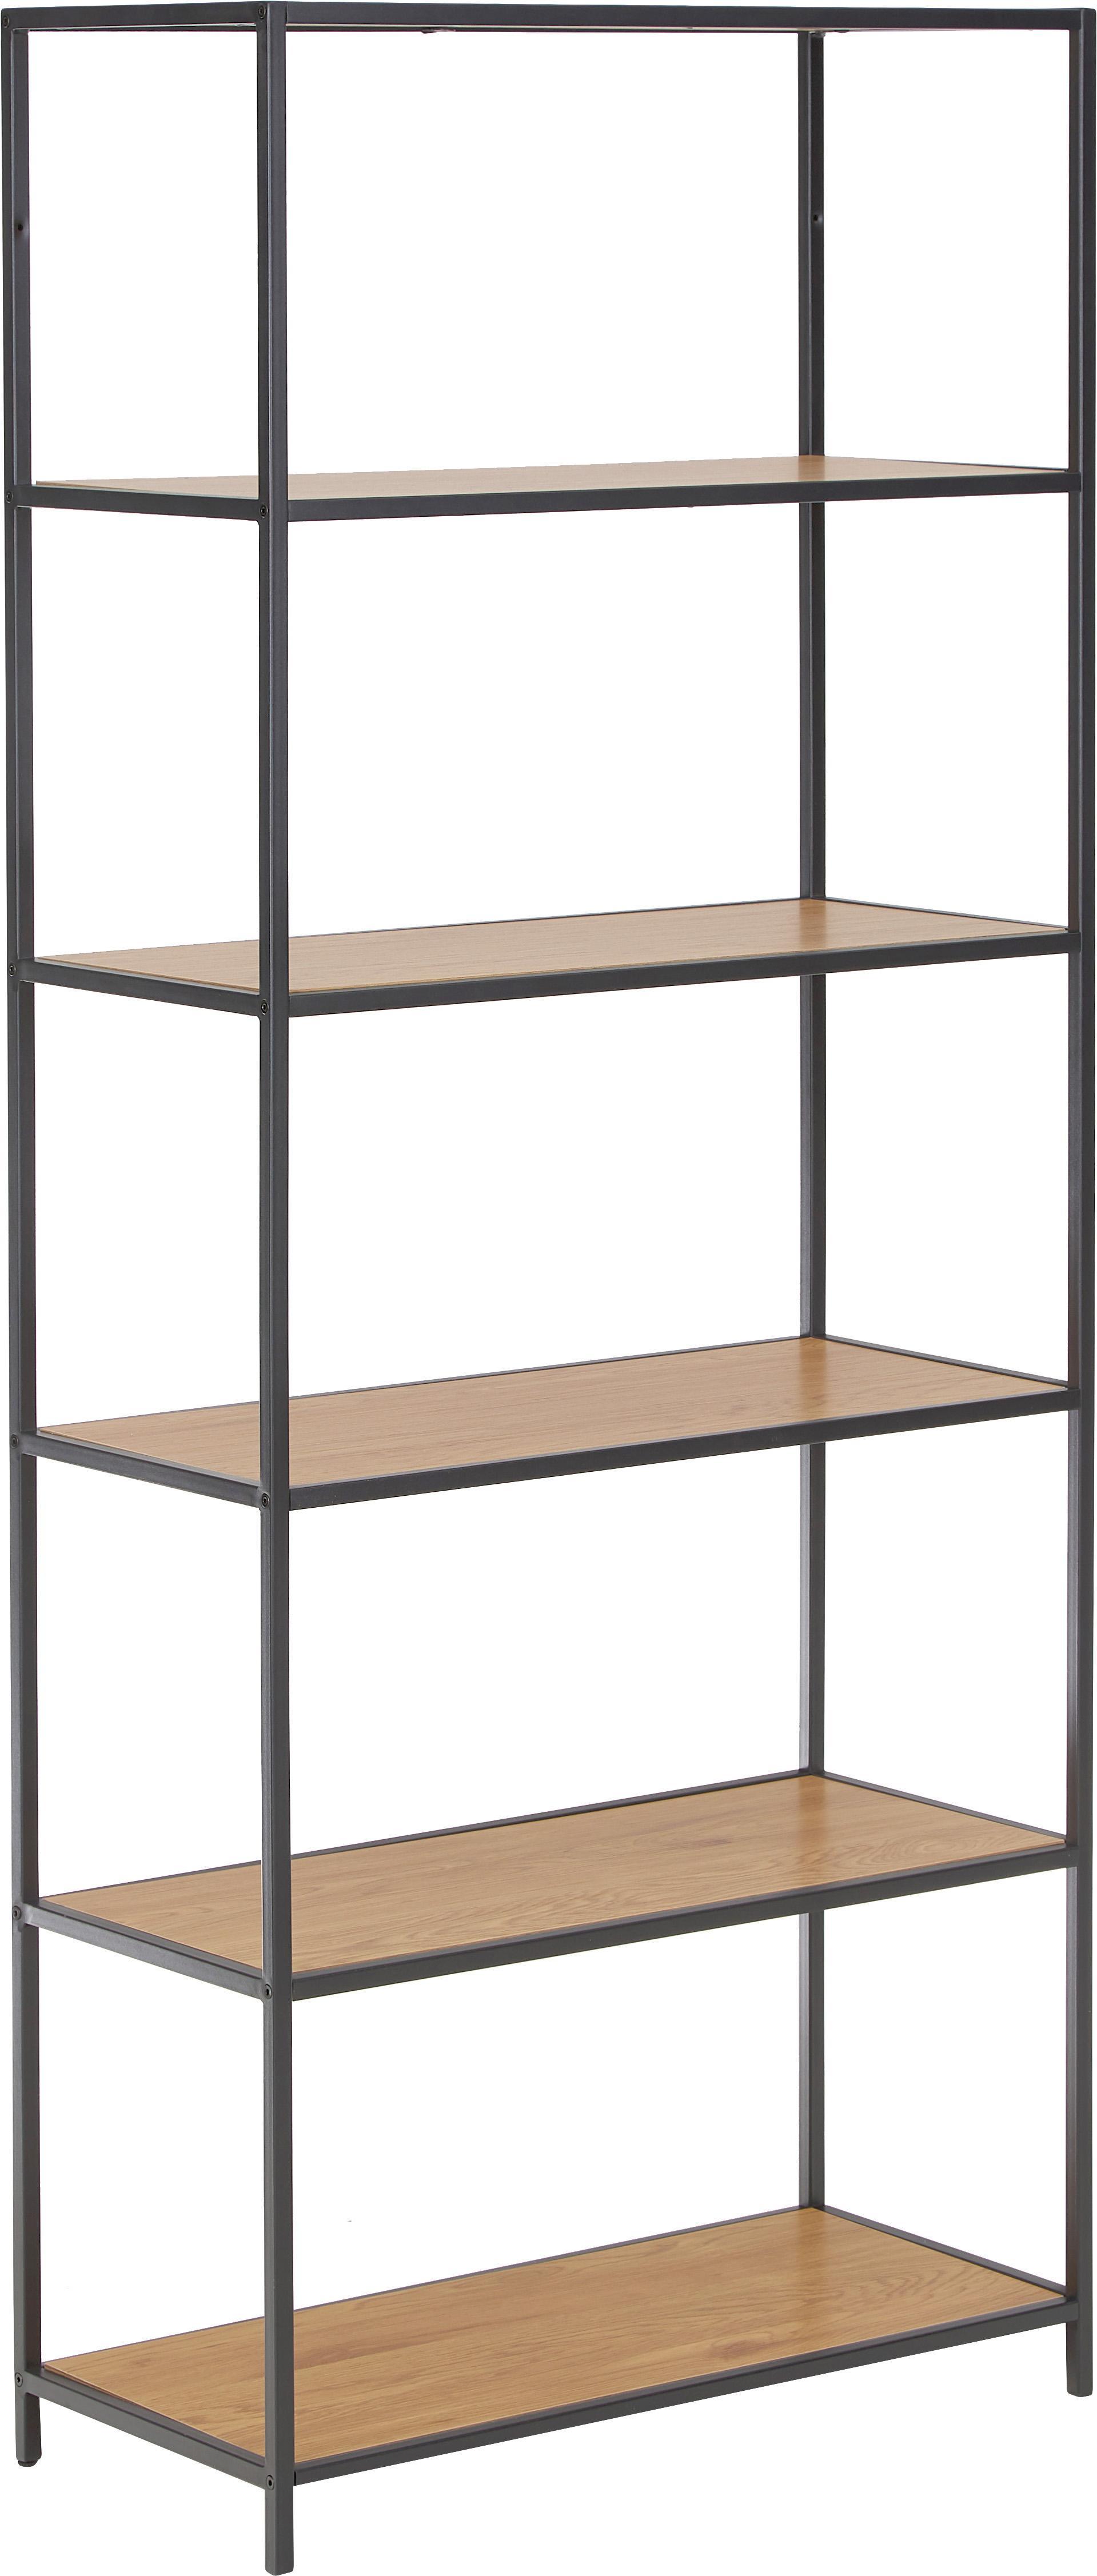 Hoge wandrek Seaford van hout en metaal, Frame: gepoedercoat metaal, Planken: wild eikenhout. Frame: zwart, 77 x 185 cm